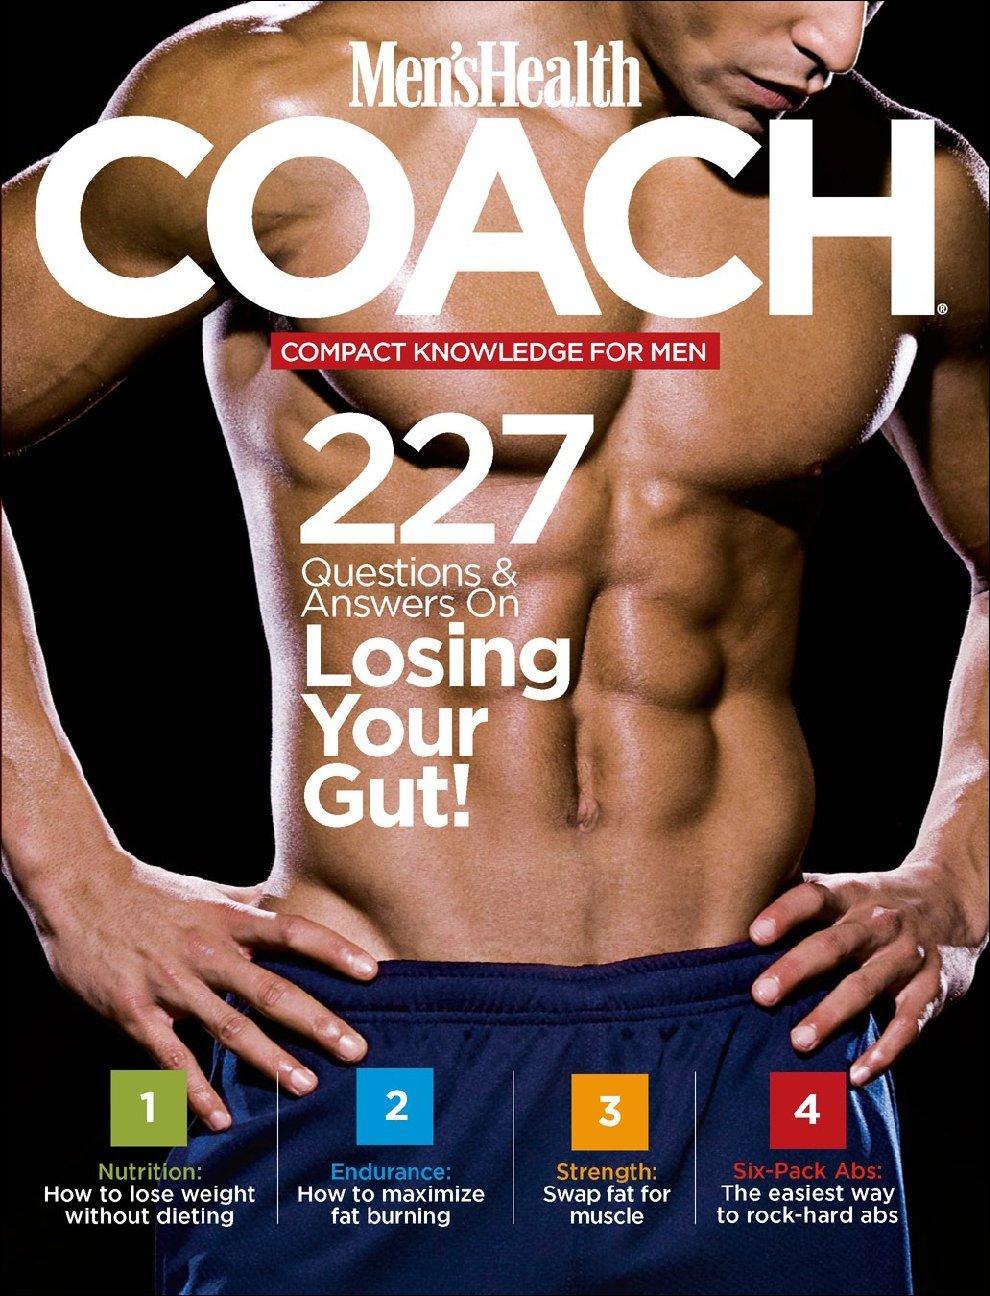 Men39;s Health Coach PH Magazine Digital  DiscountMags.com